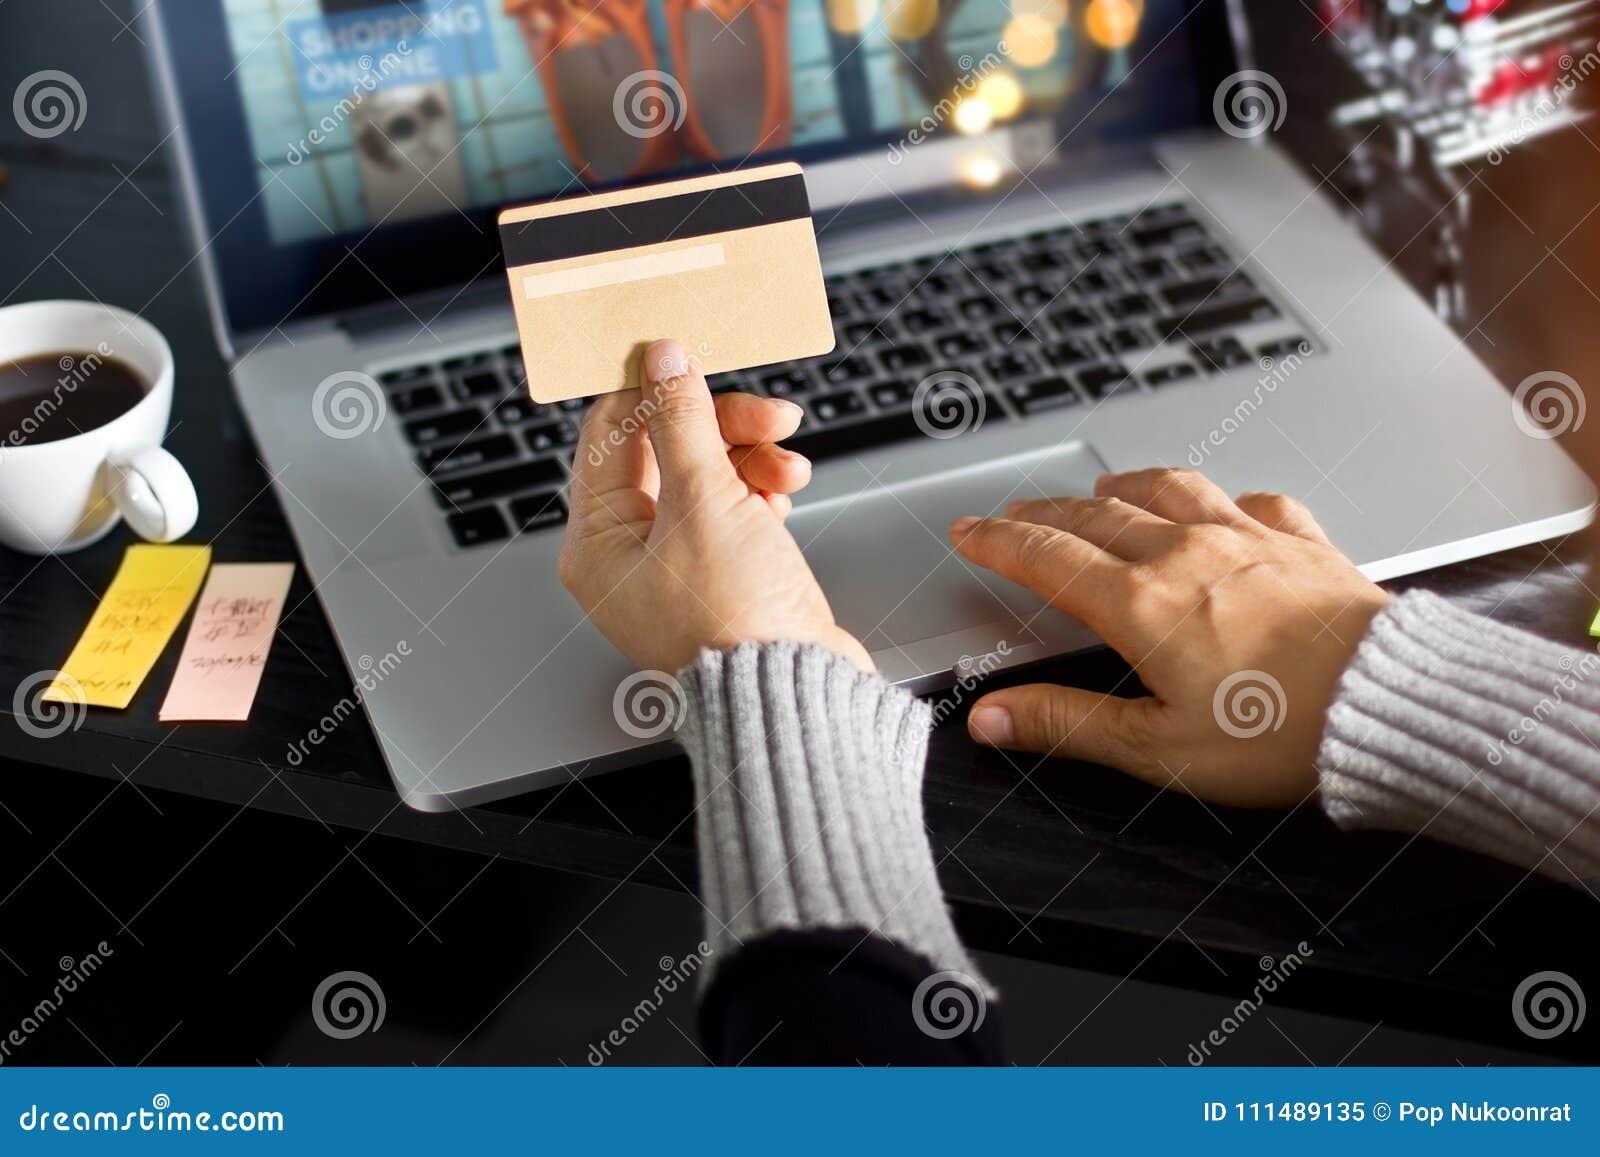 Золото в кредит онлайн как получить бесплатные кредиты на xpango